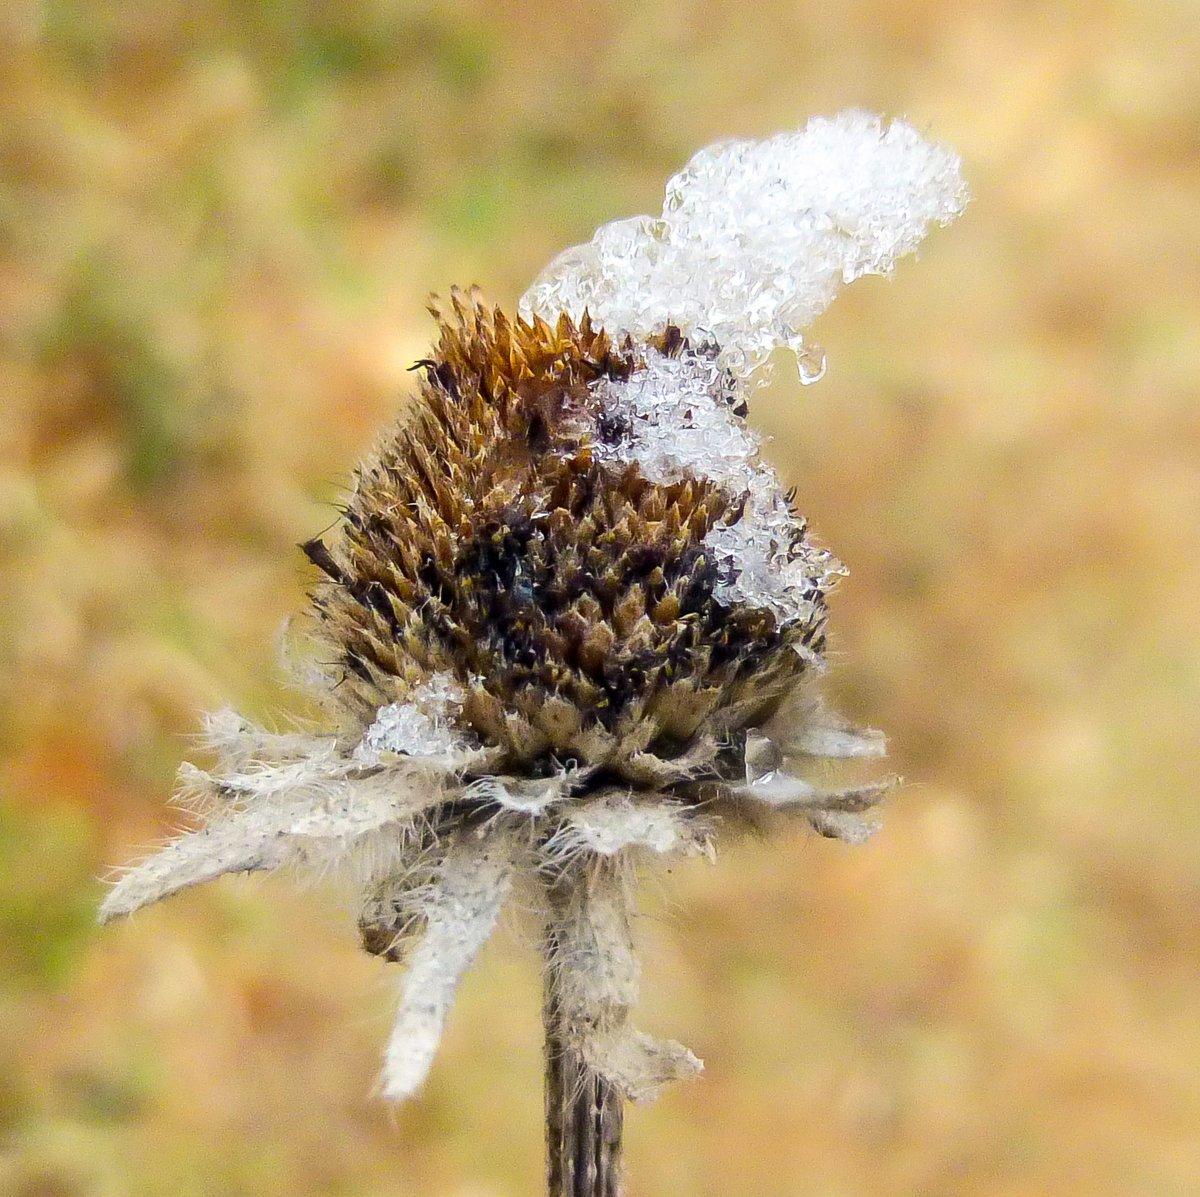 20. Snow on Seed Head